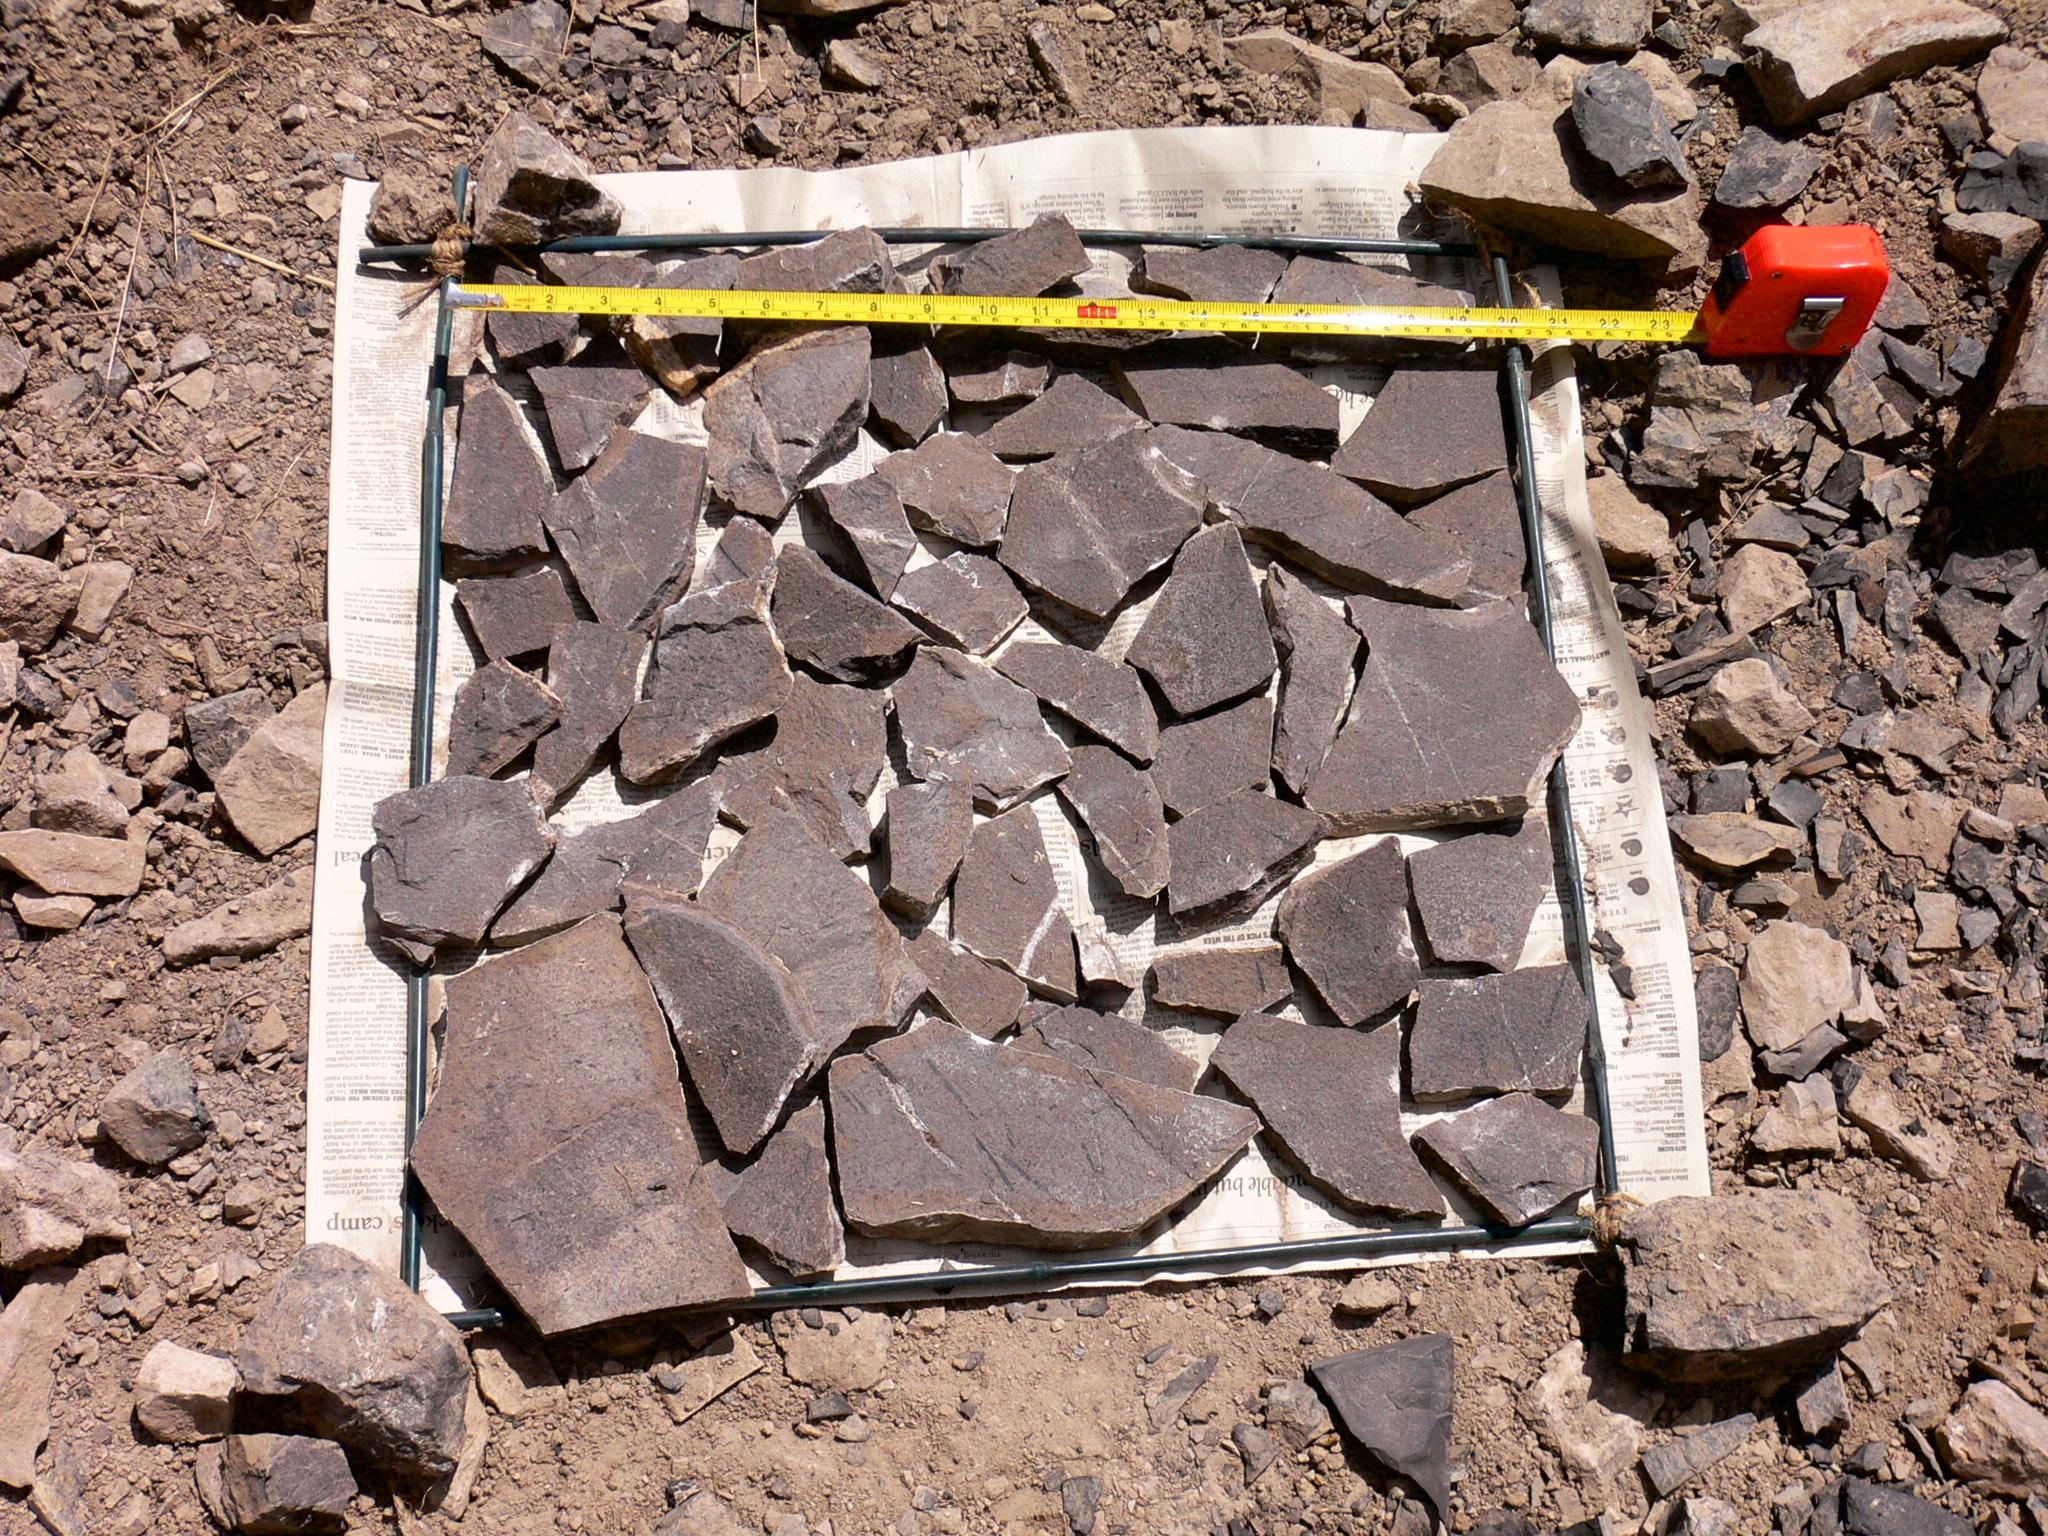 samples holding graptolite fossils